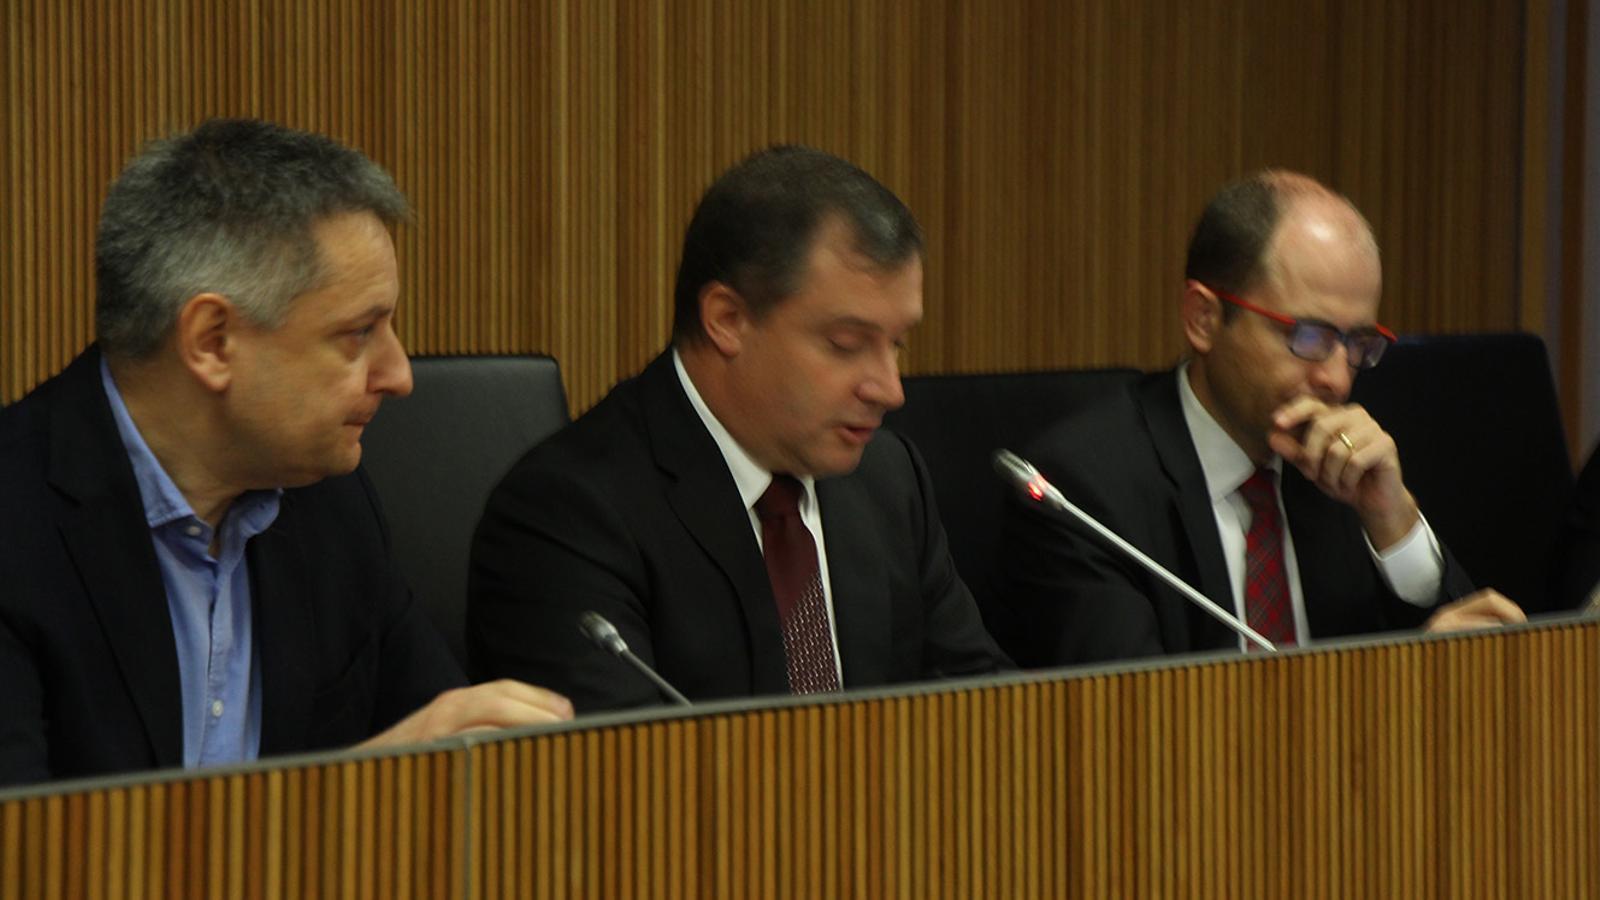 El ministre d'Economia, Competitivitat i Innovació, Gilbert Saboya; el president de la comissió d'Economia, Josep Majoral, i el vicepresident, Carles Jordana durant la compareixença del primer. / B. N.